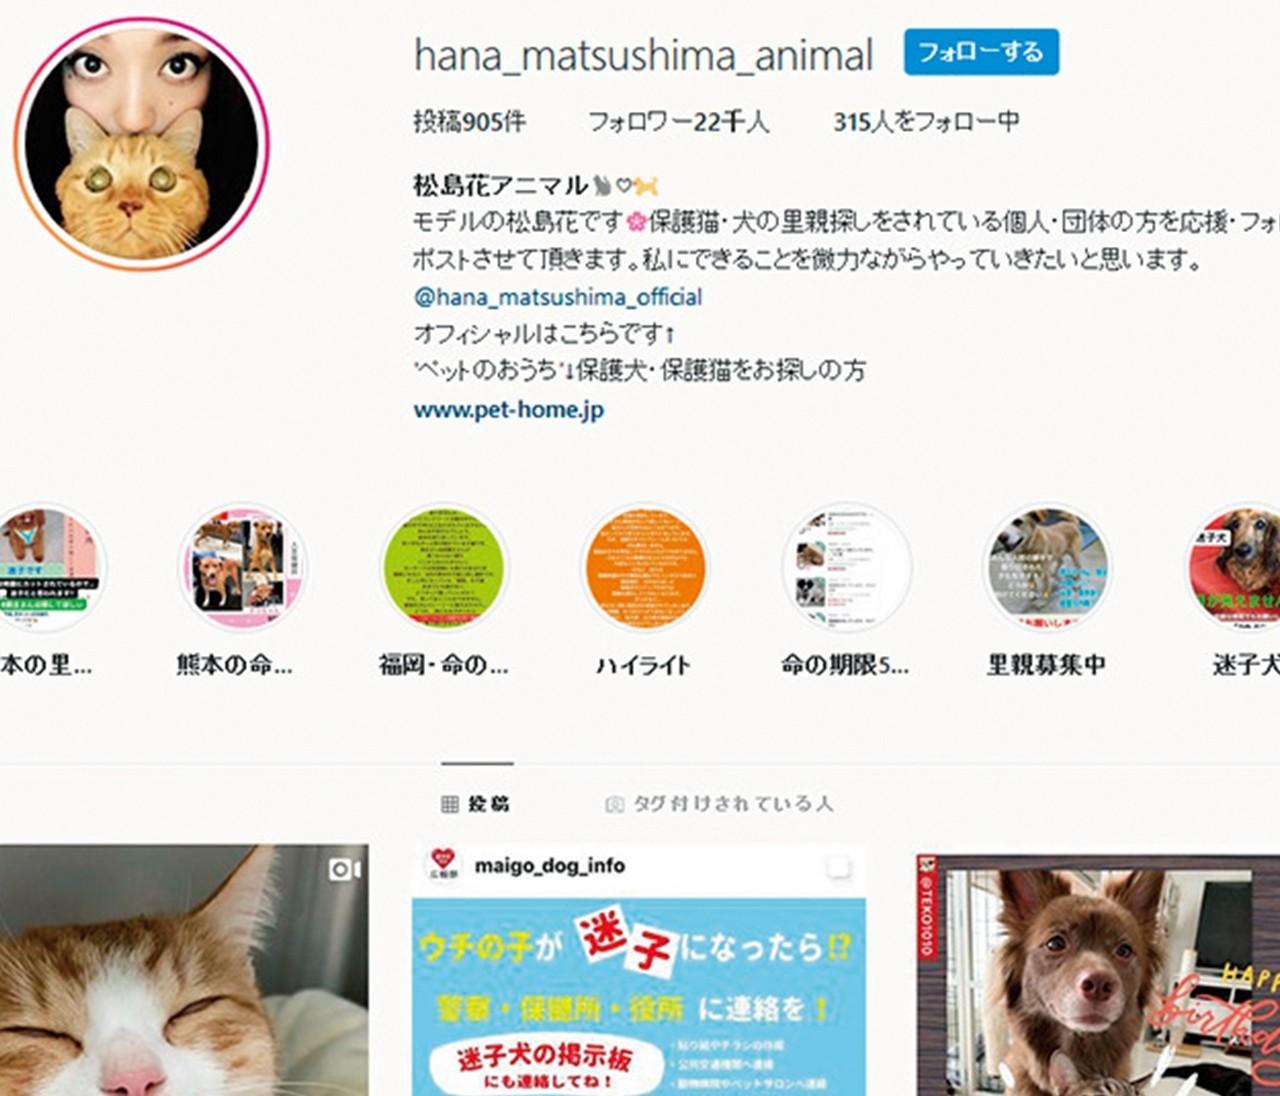 モデル・松島花が行う「SNSを使って動物の命を救う保護活動支援」